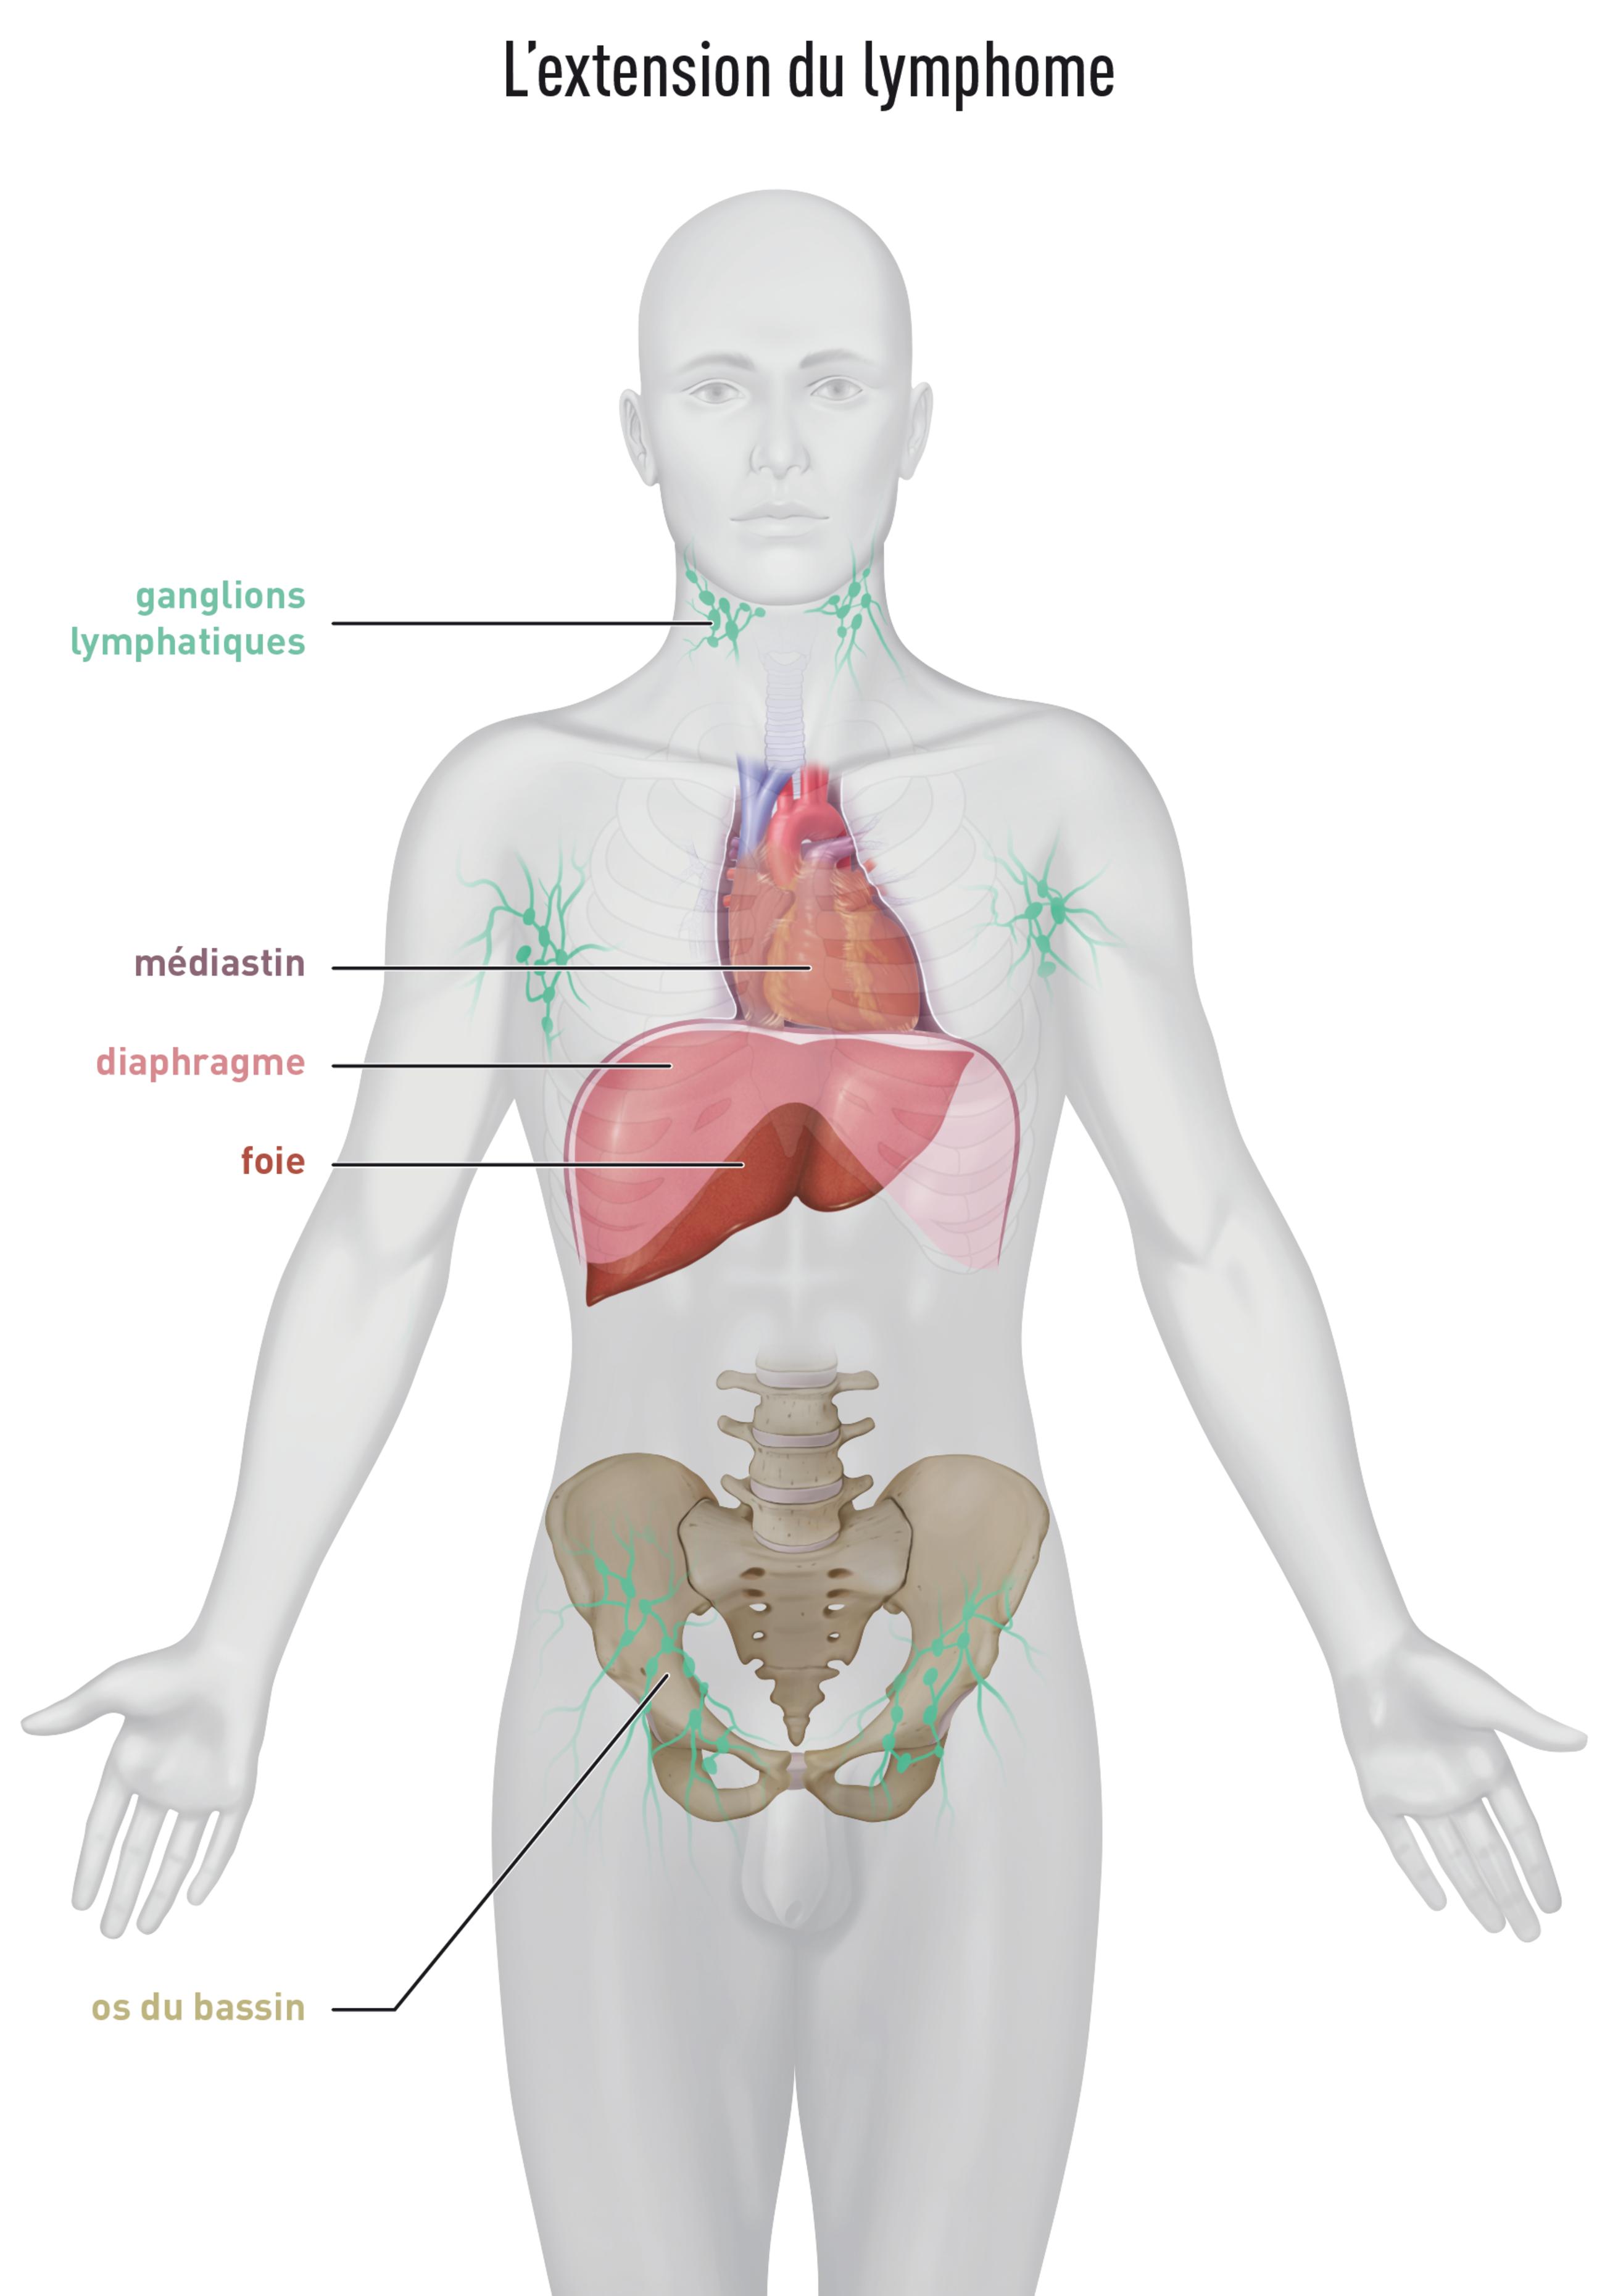 Cancer hodgkin rechute, Papillomavirus sur frottis